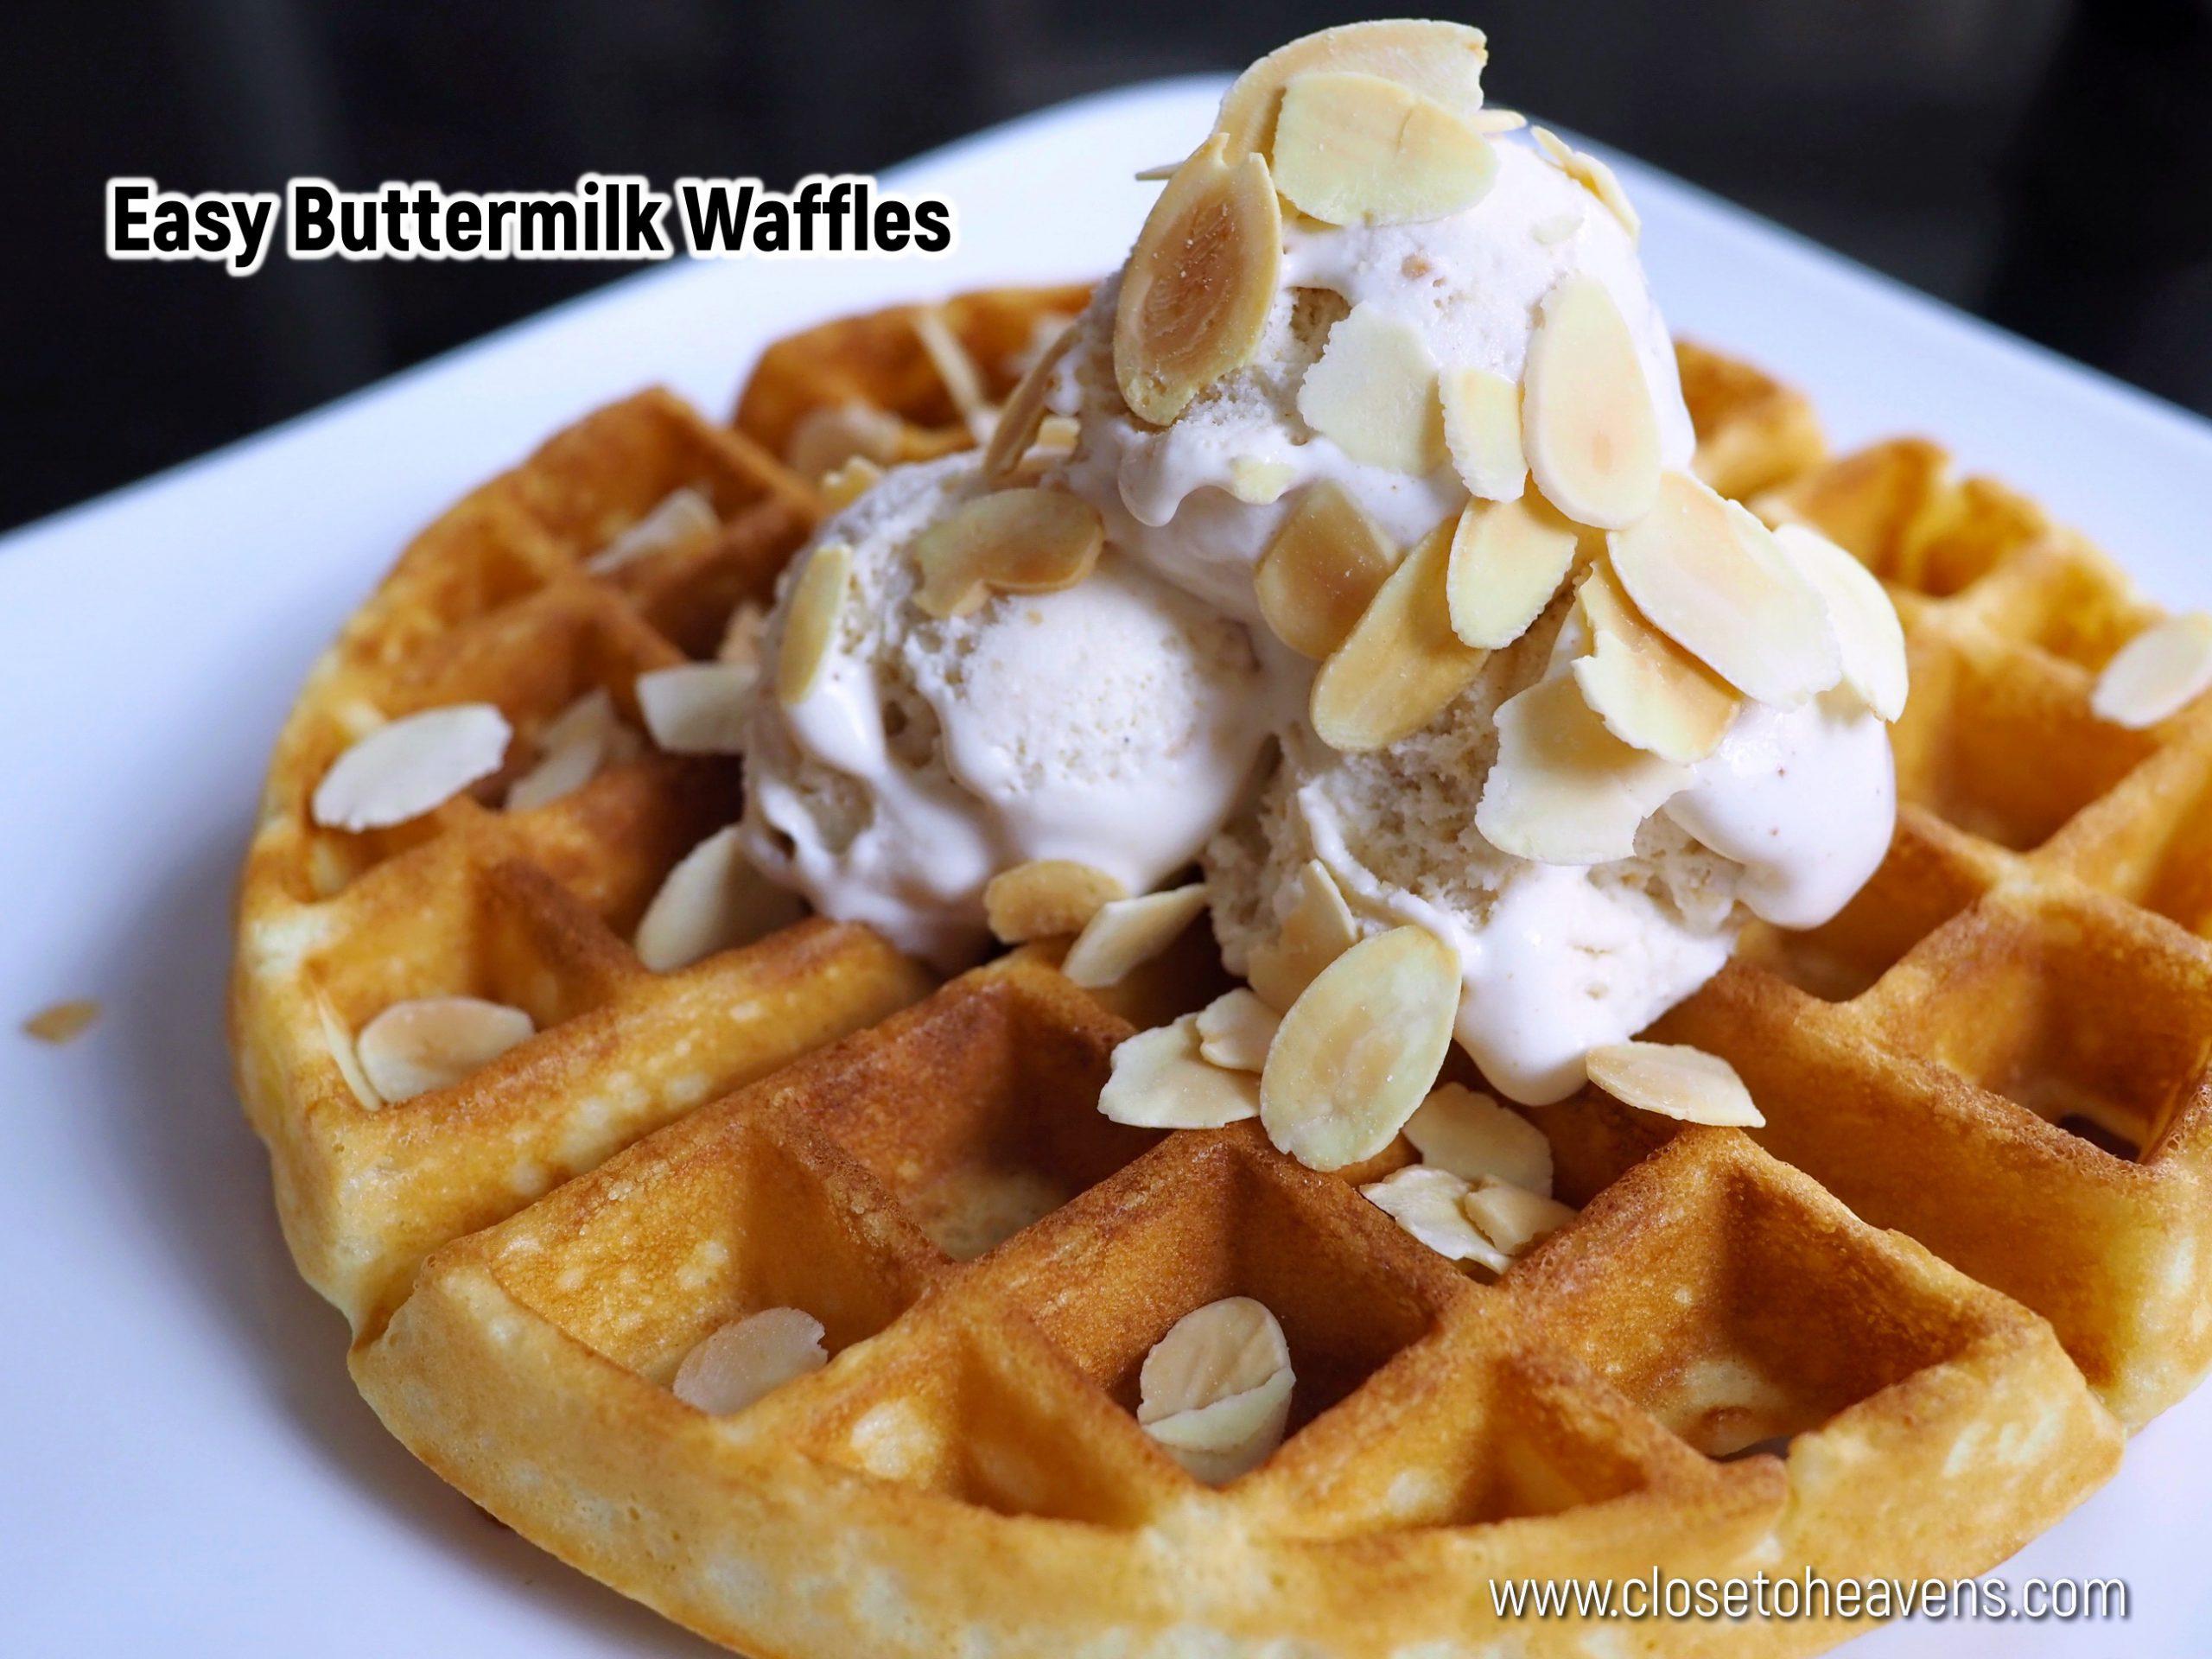 Easy Buttermilk Waffles สูตรวาฟเฟิล ทำง่ายที่สุดในโลก